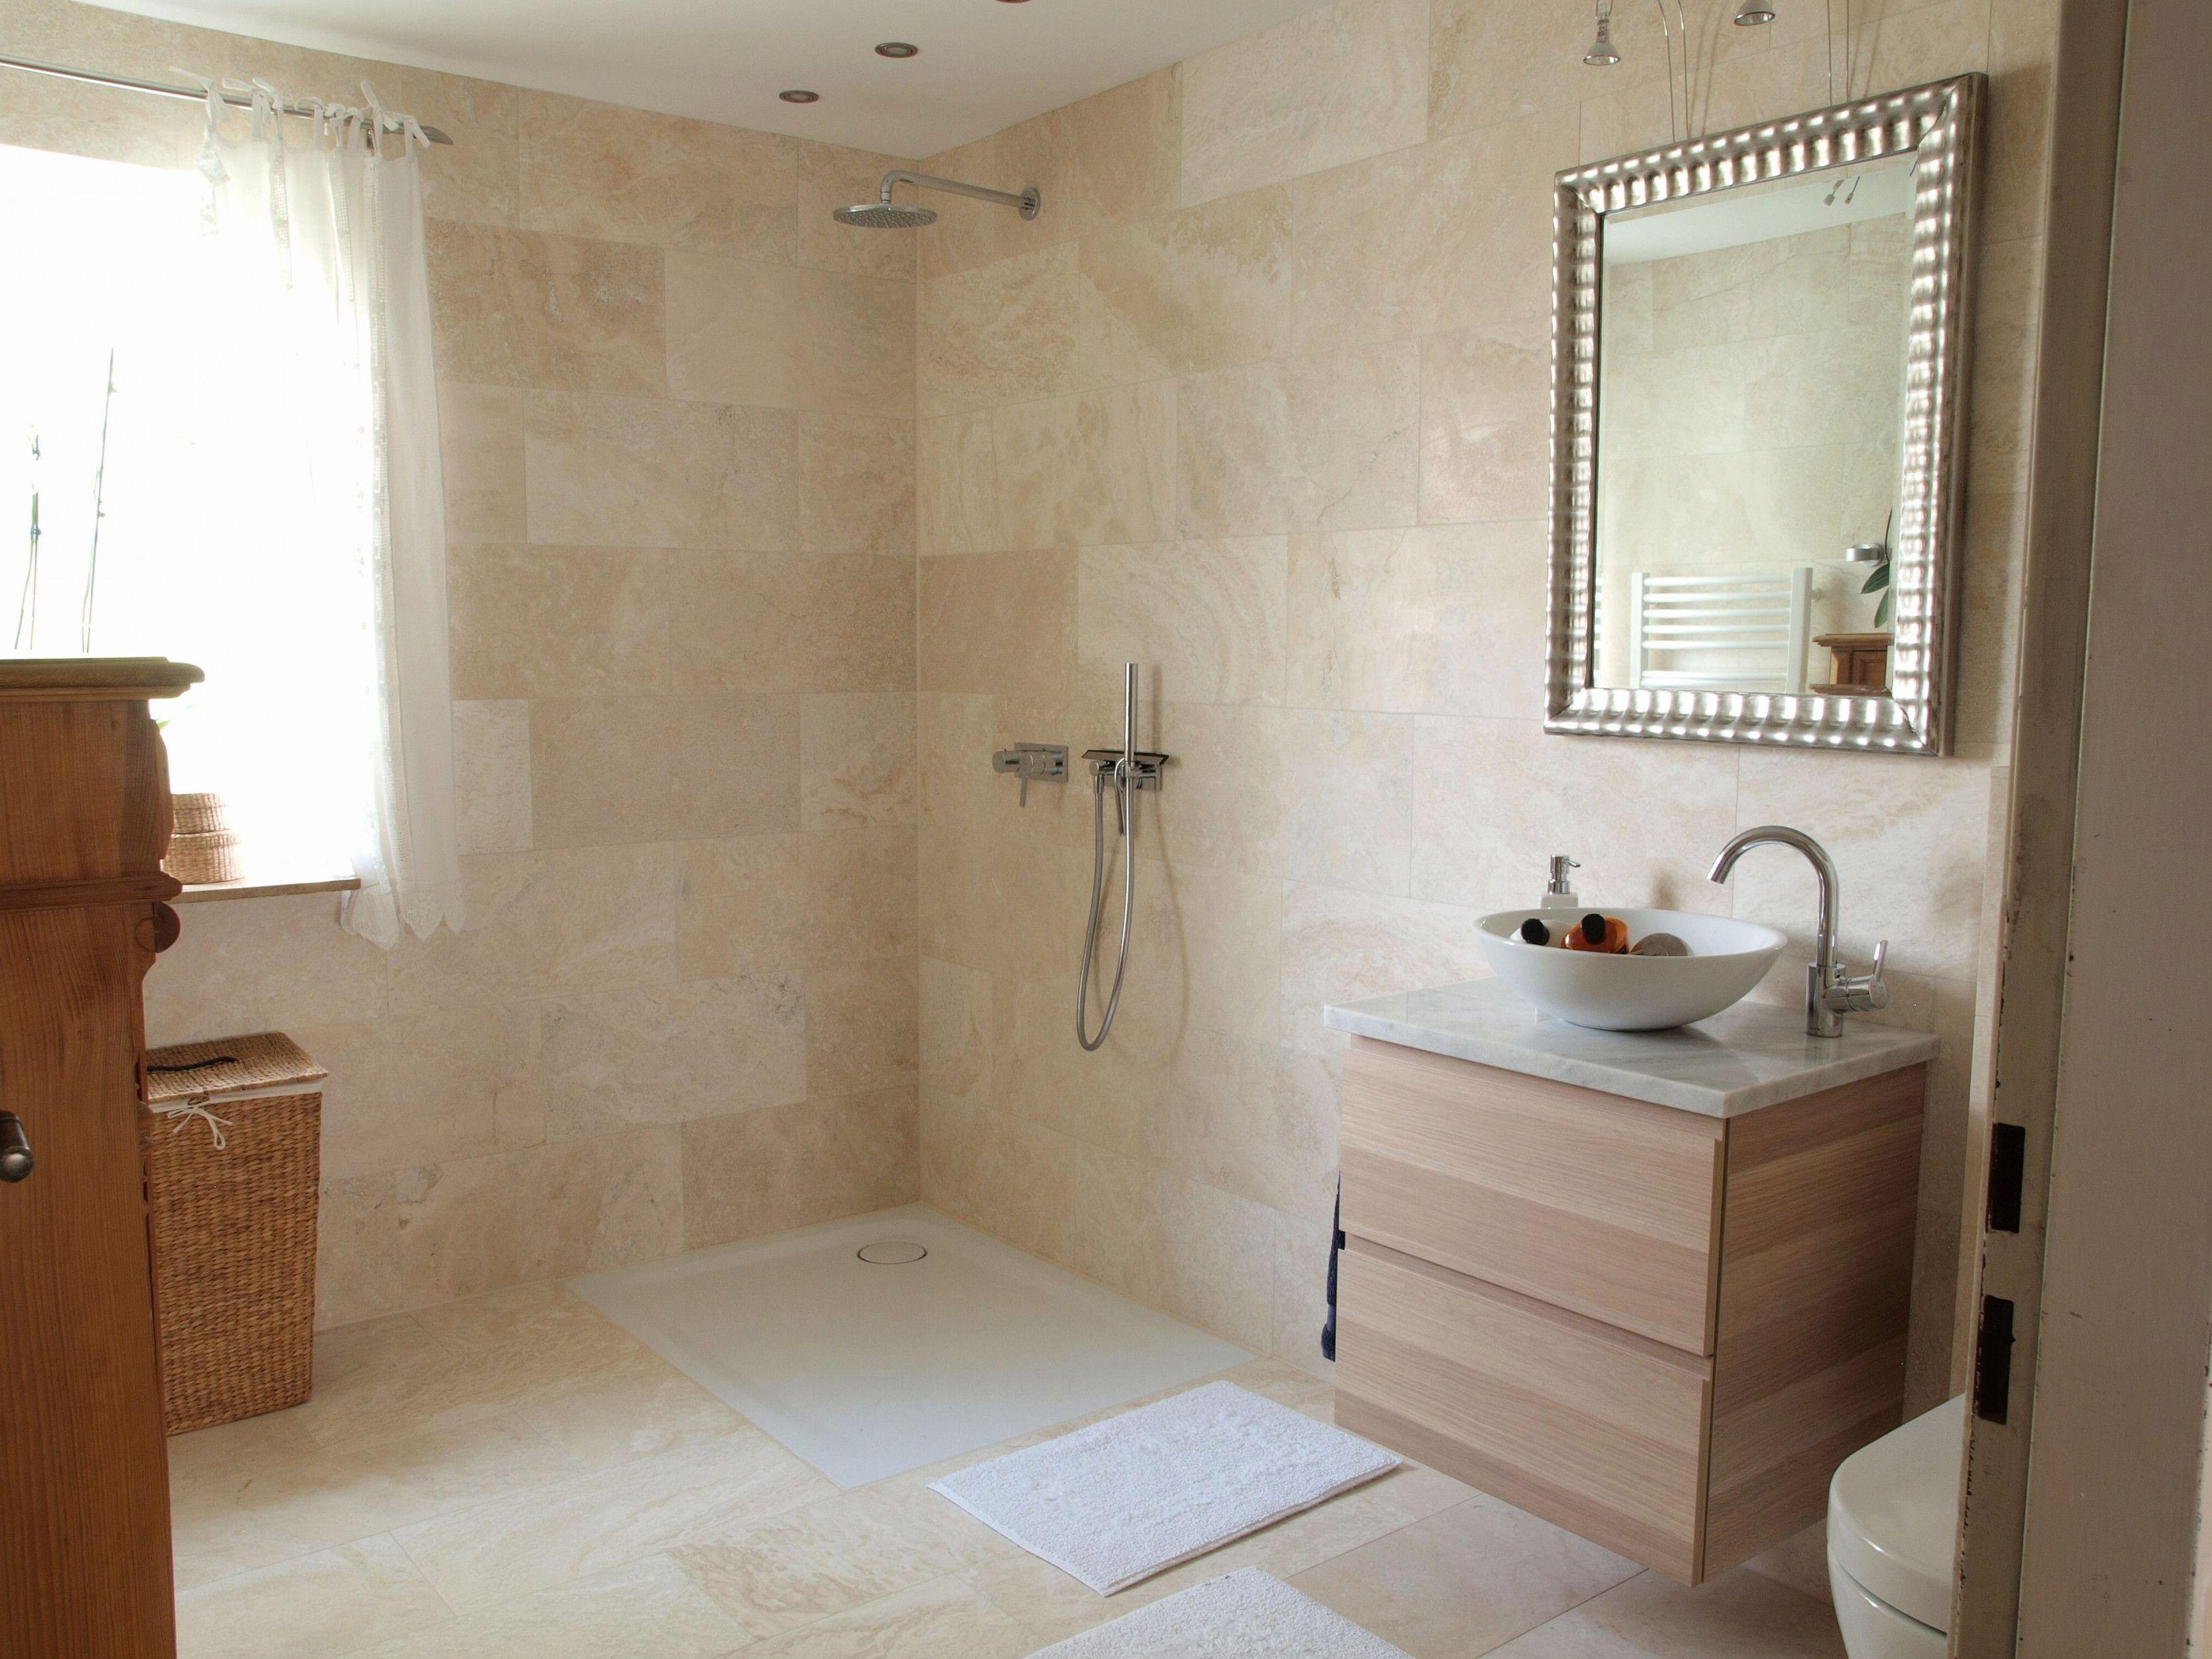 Kleines Bad Fliesen Ideen Neu Ein Zauberhaftes Duschbad Das Von